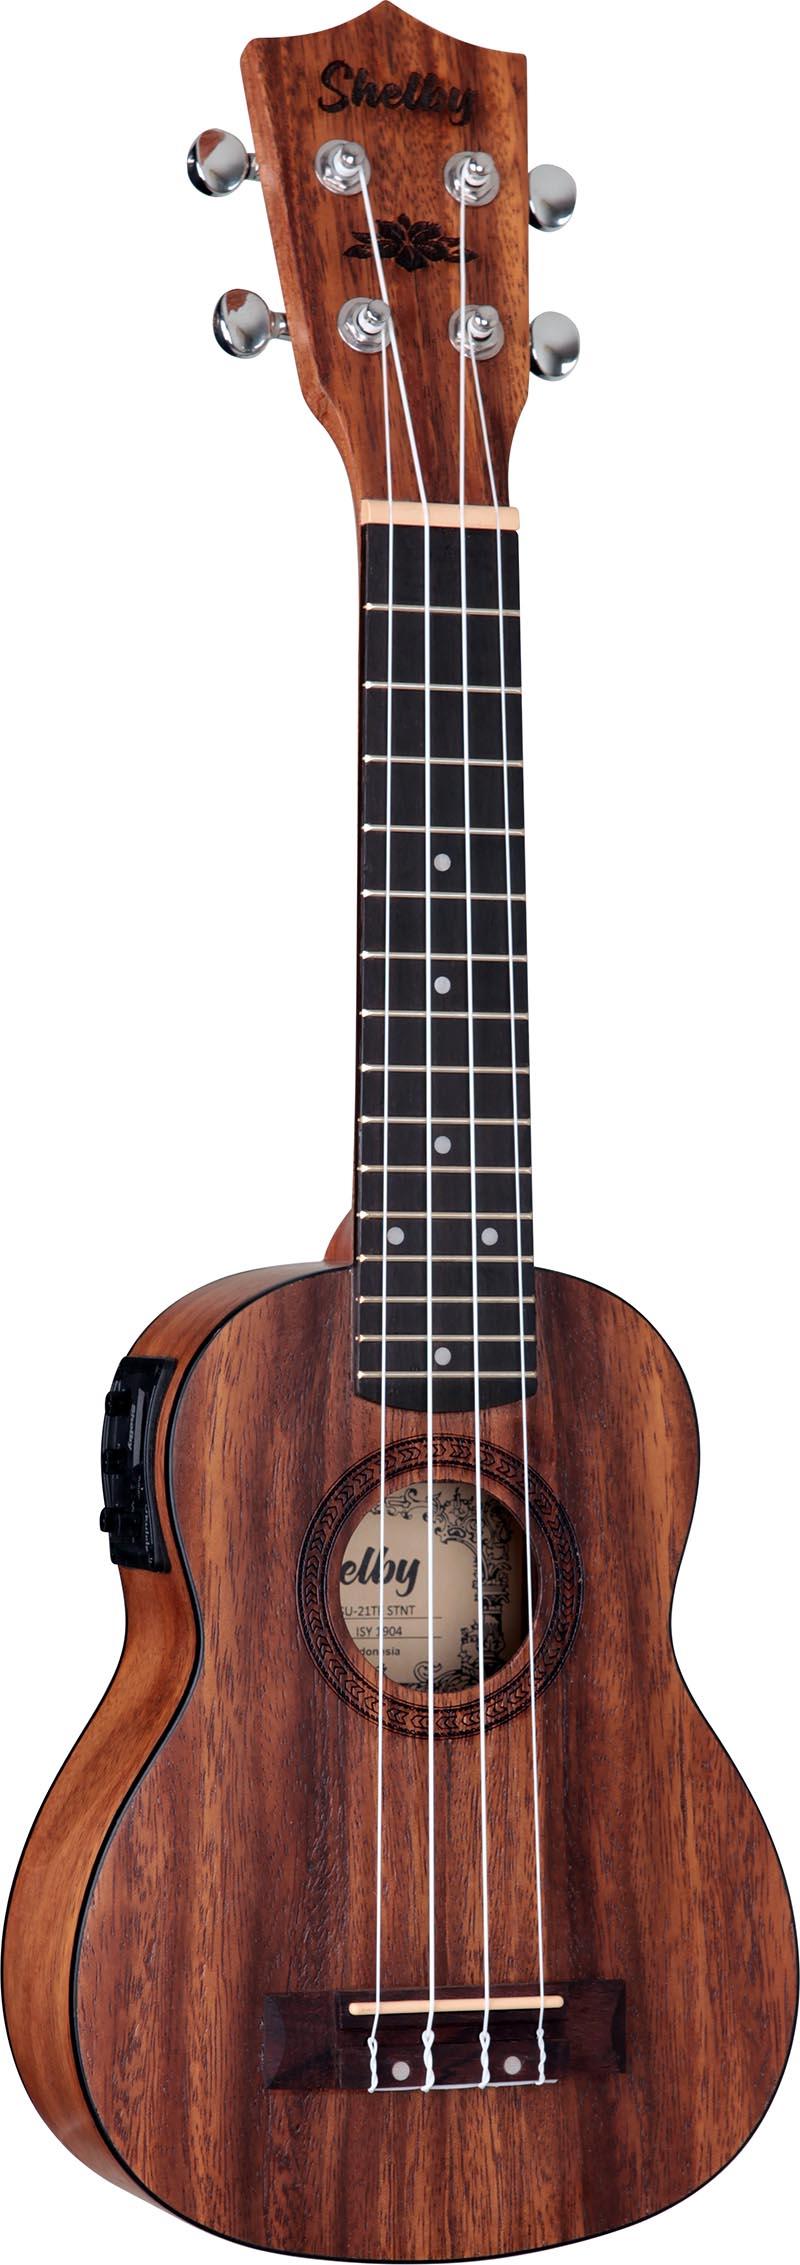 su21te ukulele soprano eletroacustico shelby su21te stnt teca acetinado visao frontal vertical